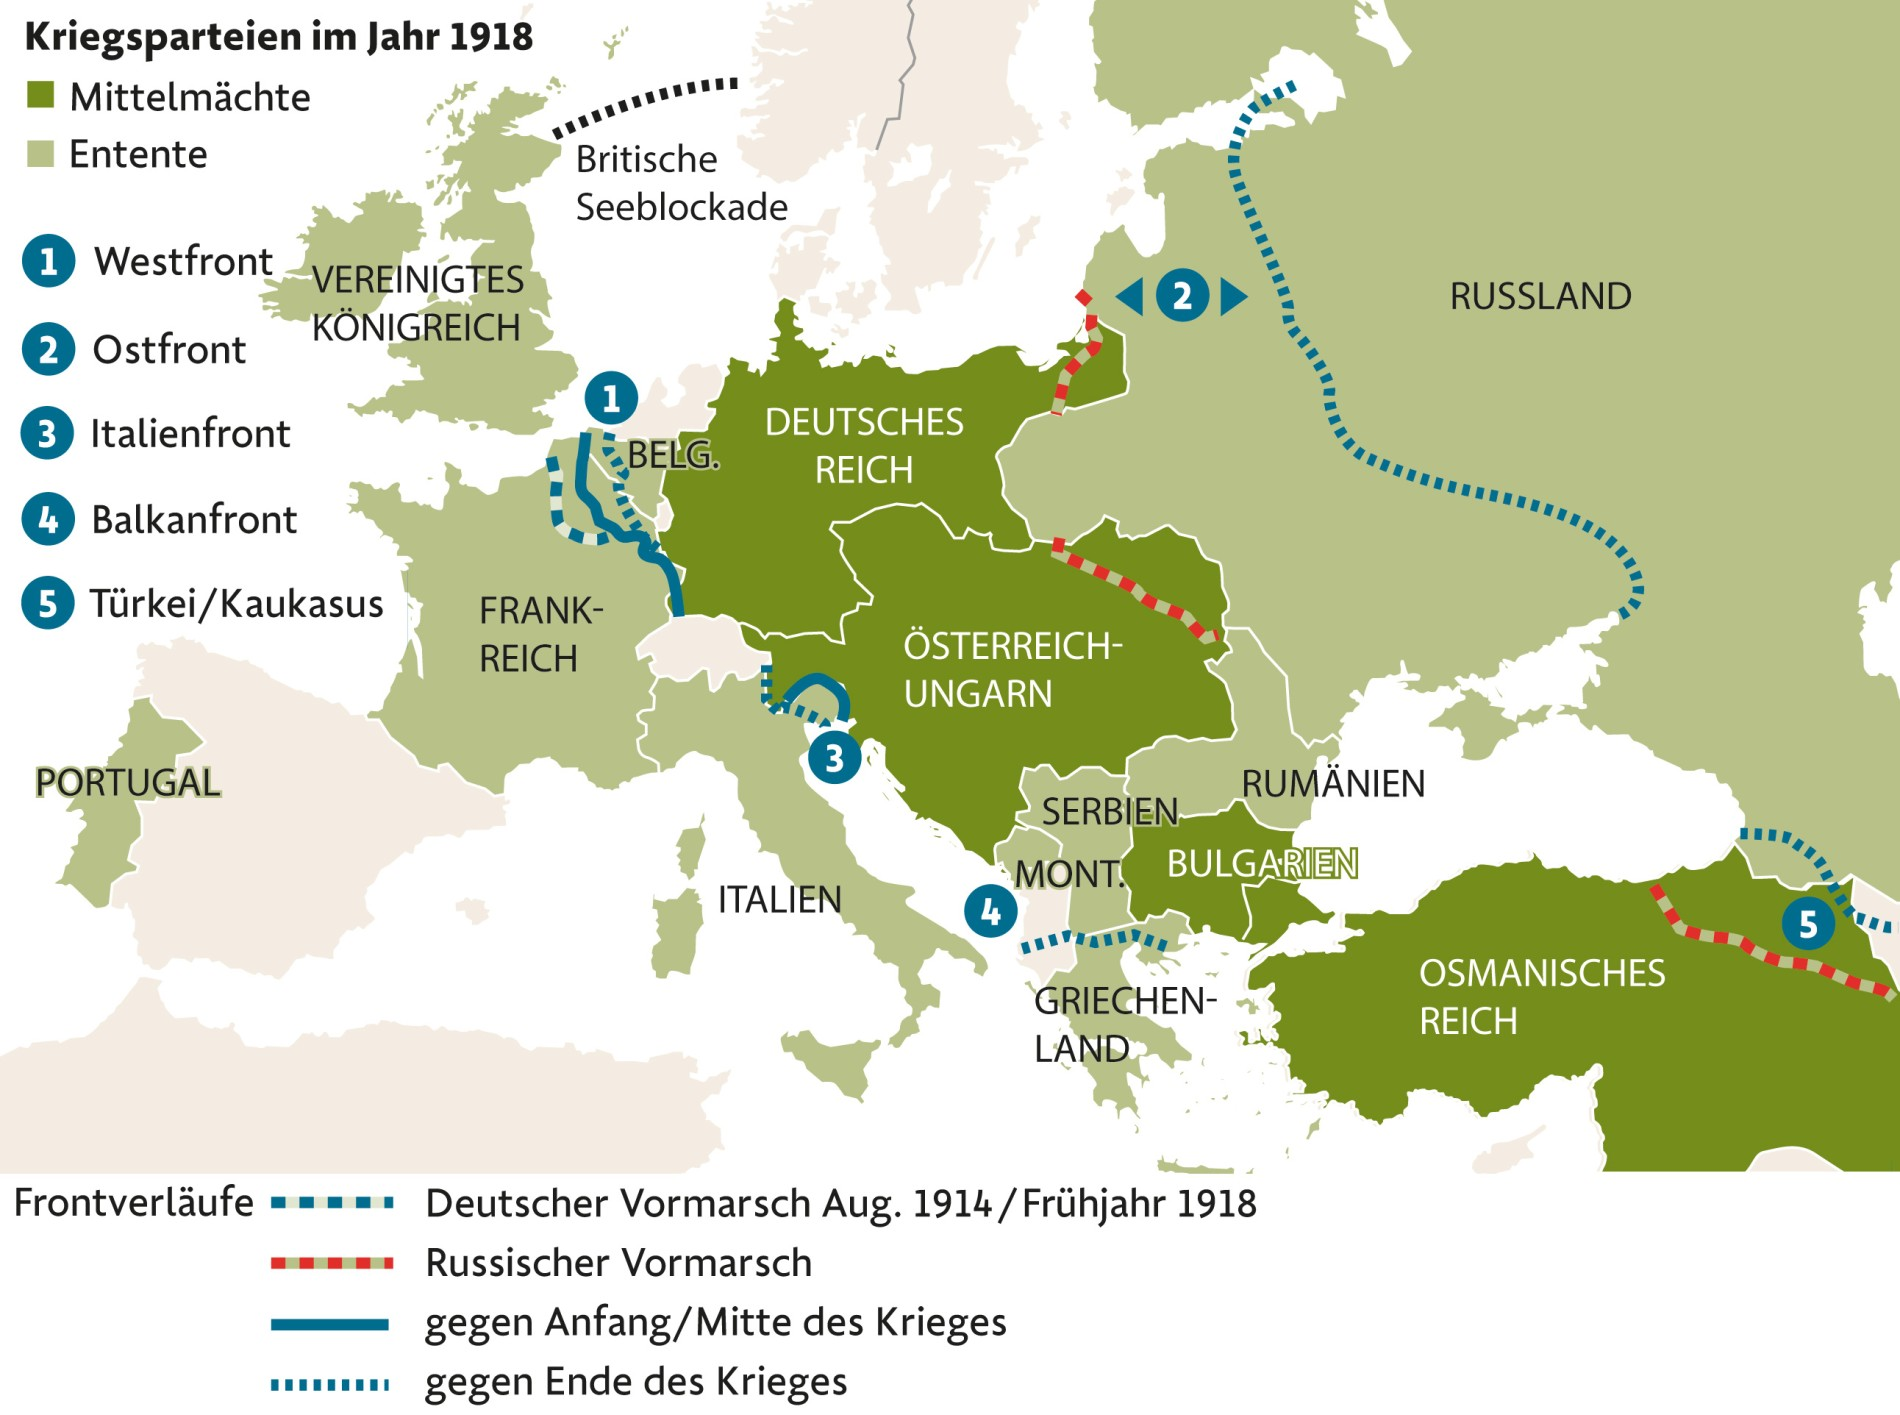 Deutsche Karte Vor Dem 1 Weltkrieg.Selbstmord Auf Finnisch